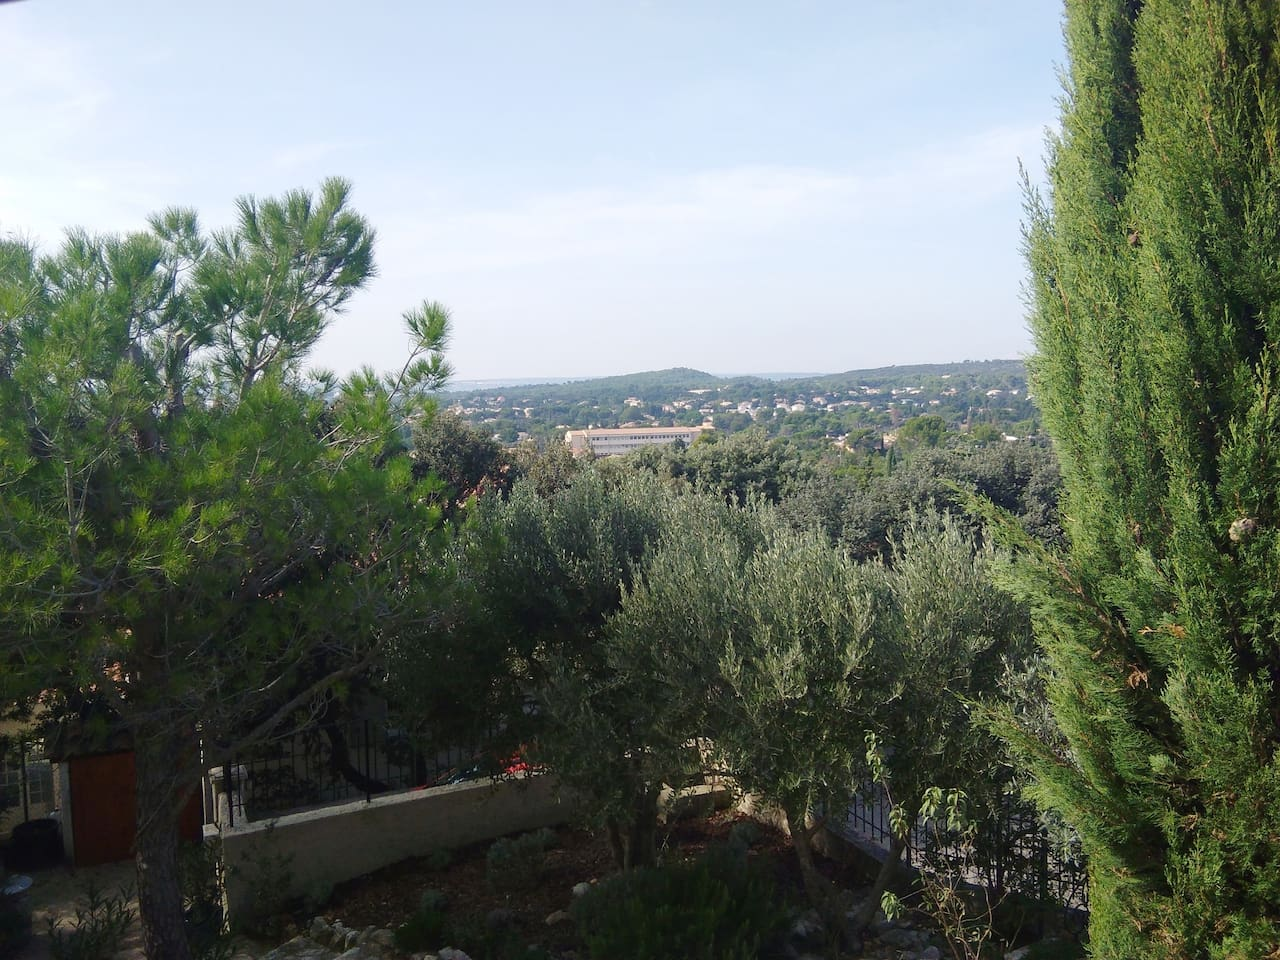 Vue sur le Gard et la vallée du Rhône